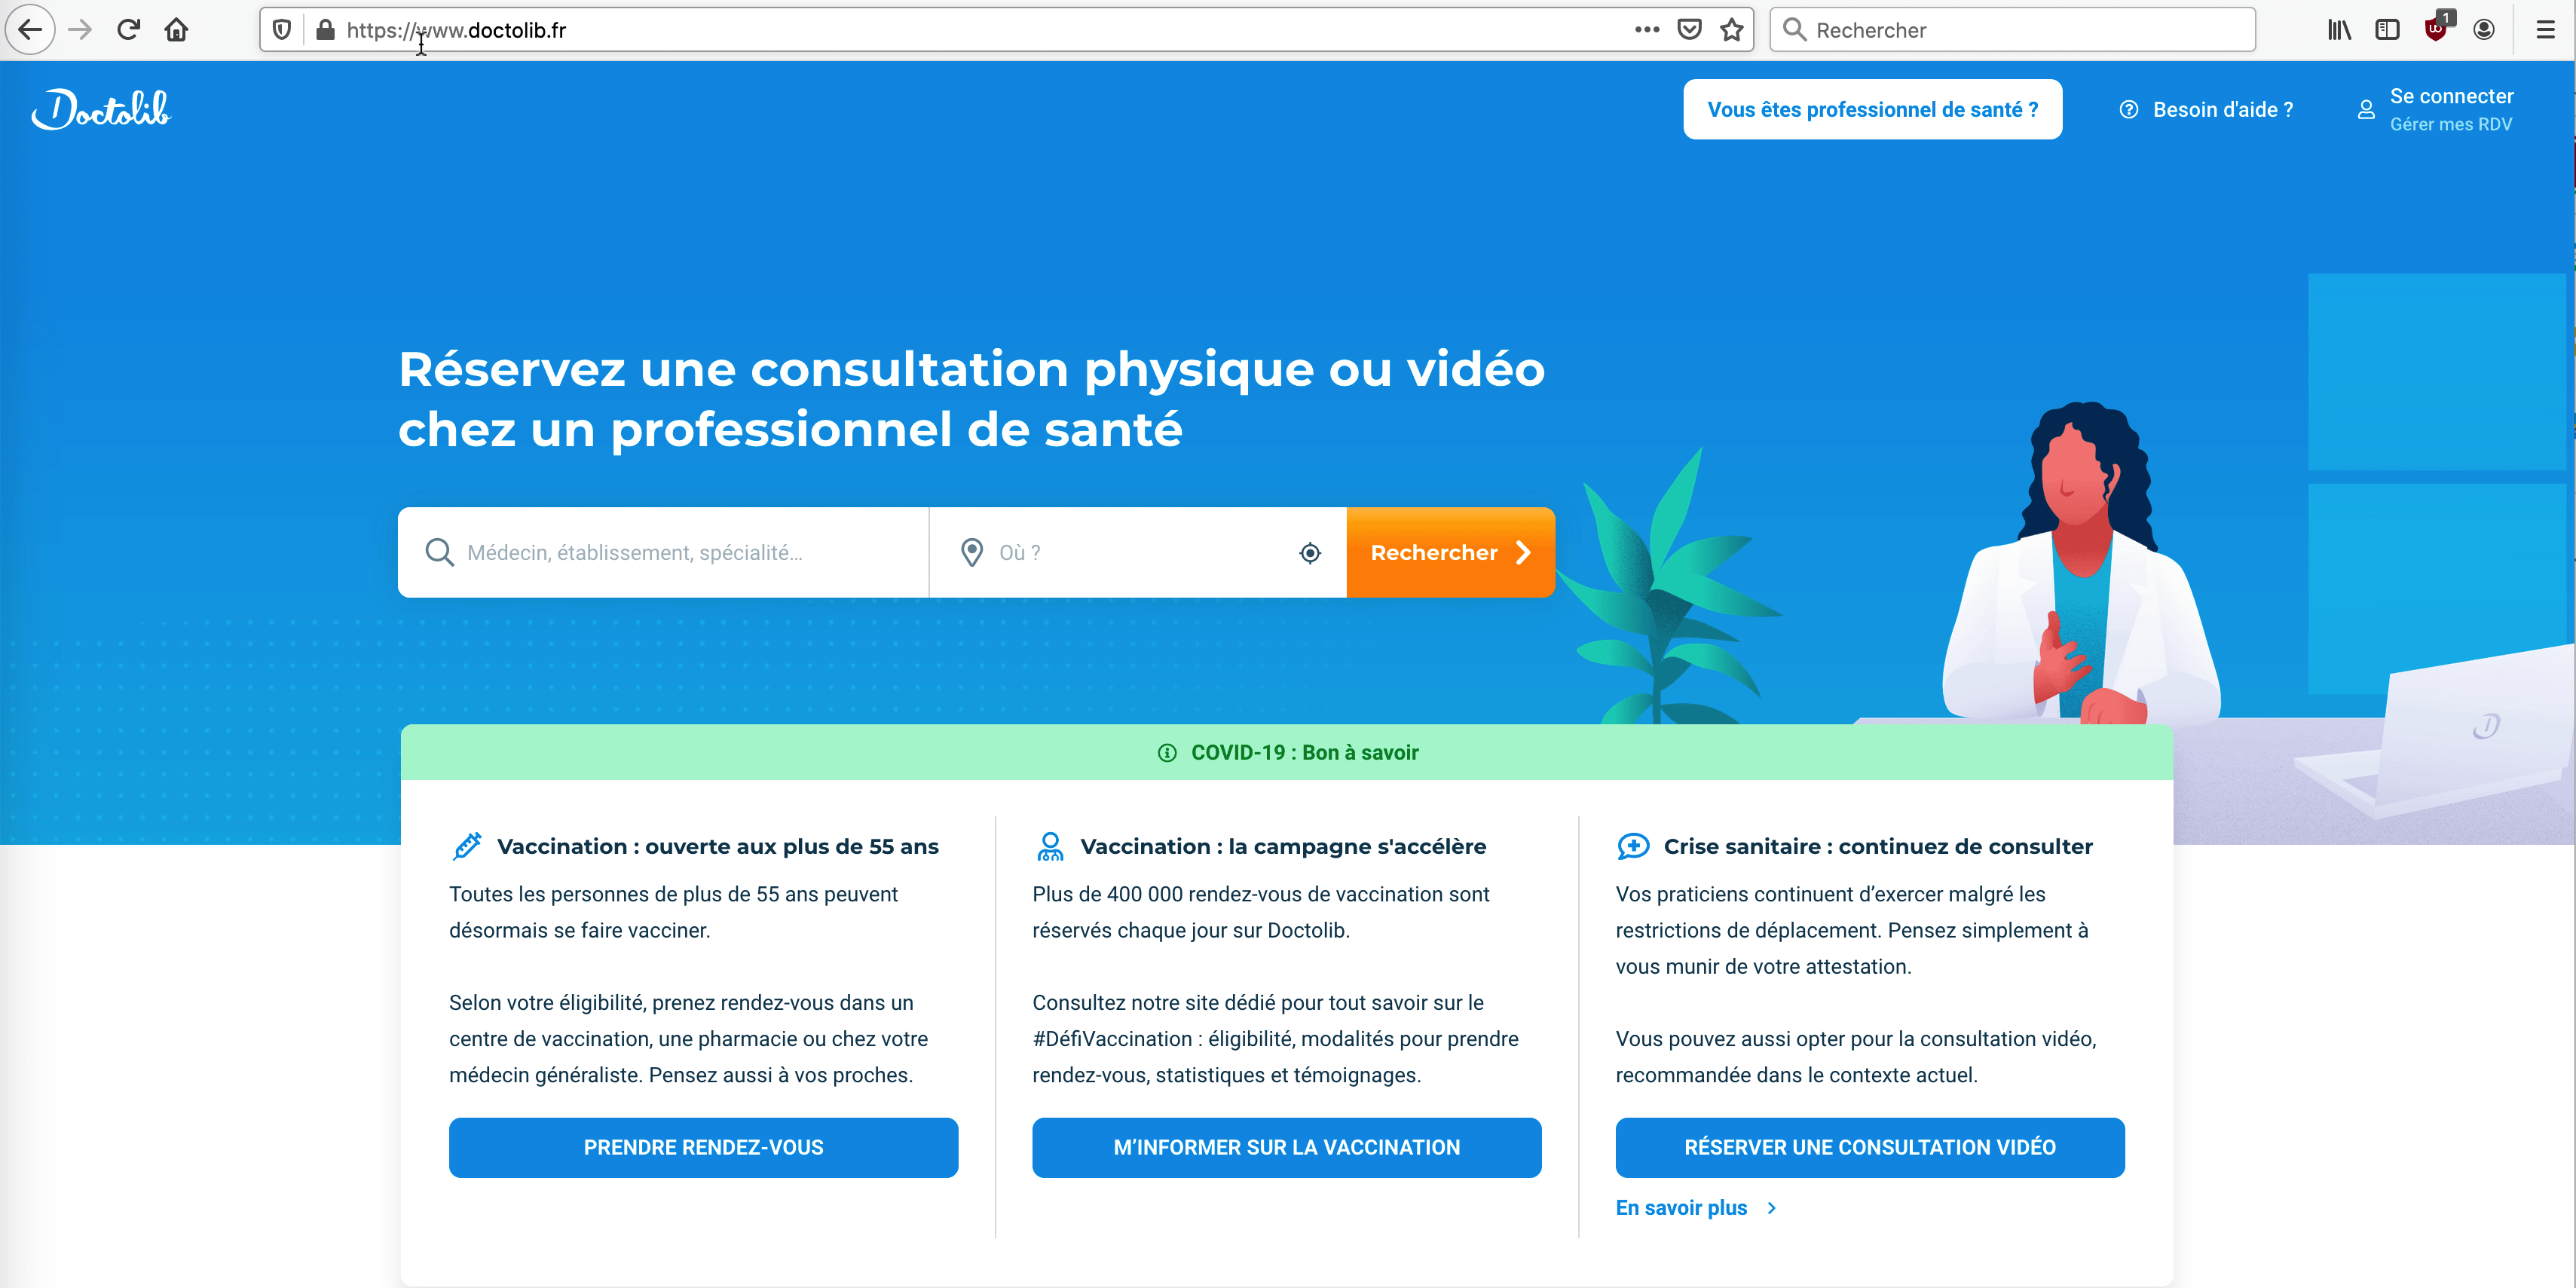 Page d'accueil du site Internet Doctolib